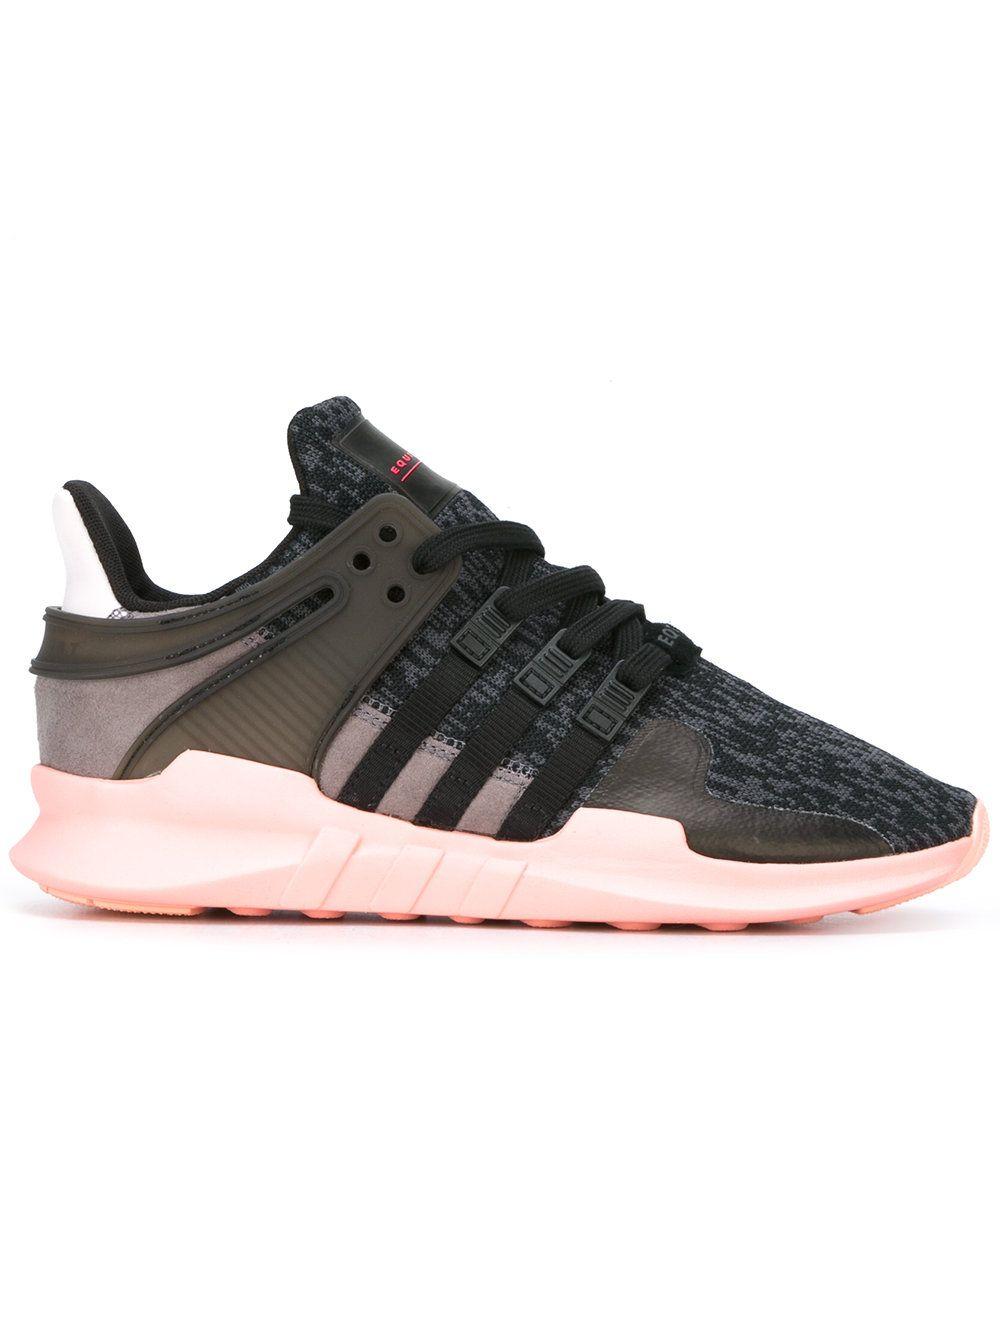 Adidas Originals equipo ADV zapatilla zapatos Pinterest